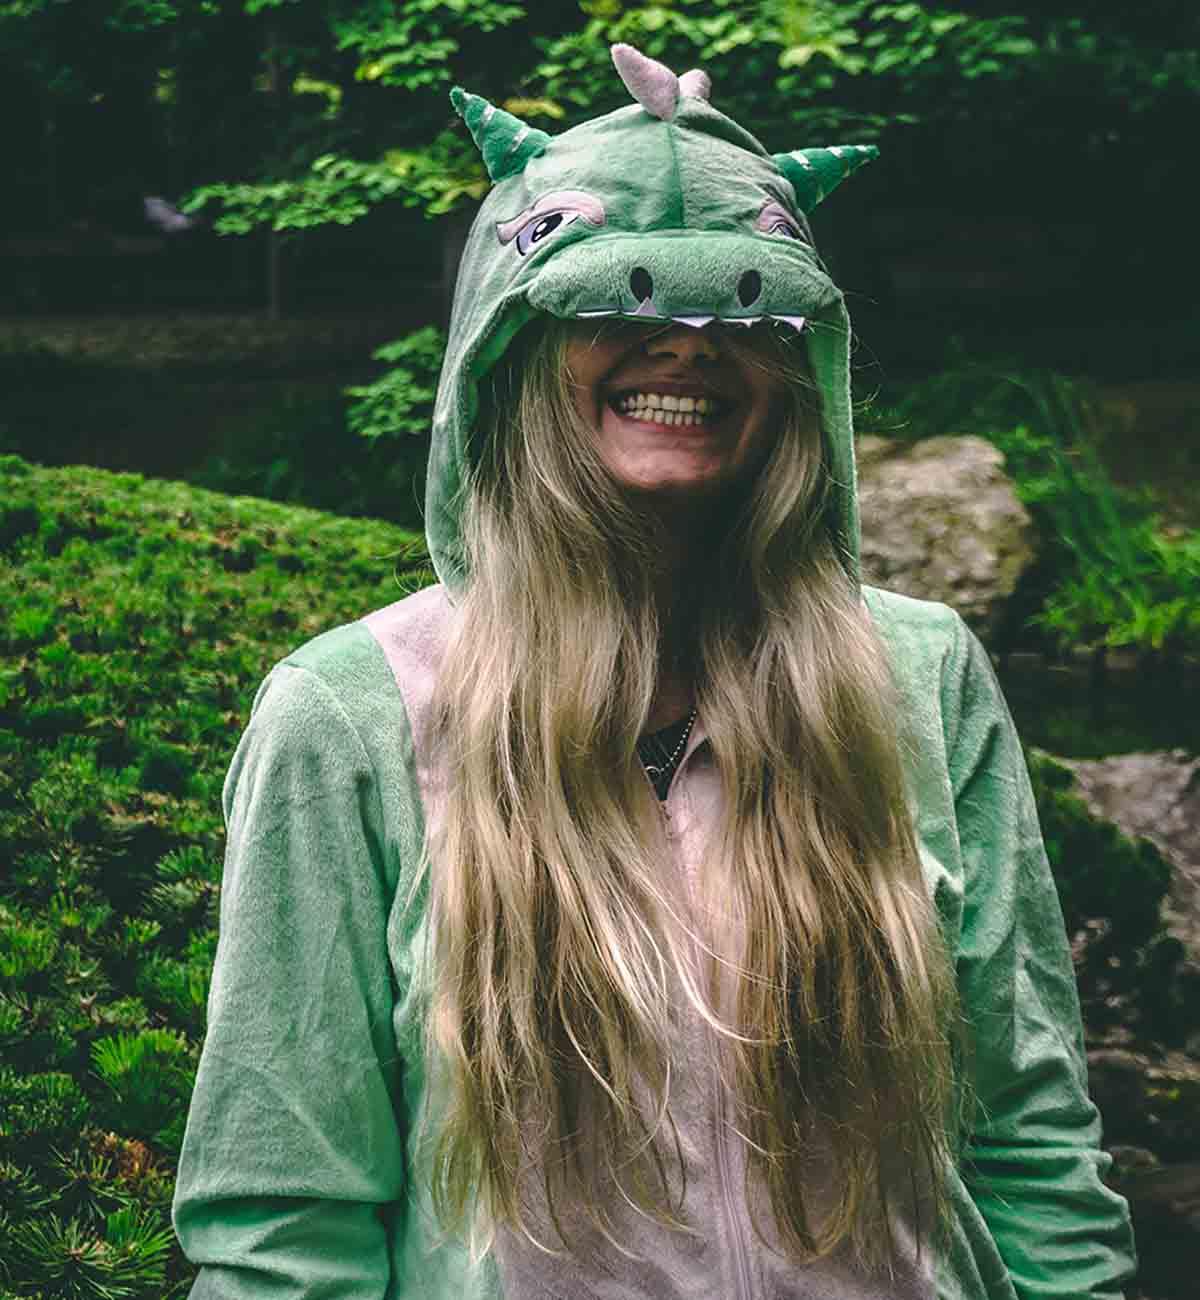 Sandy Gilmore looking happy in her garden